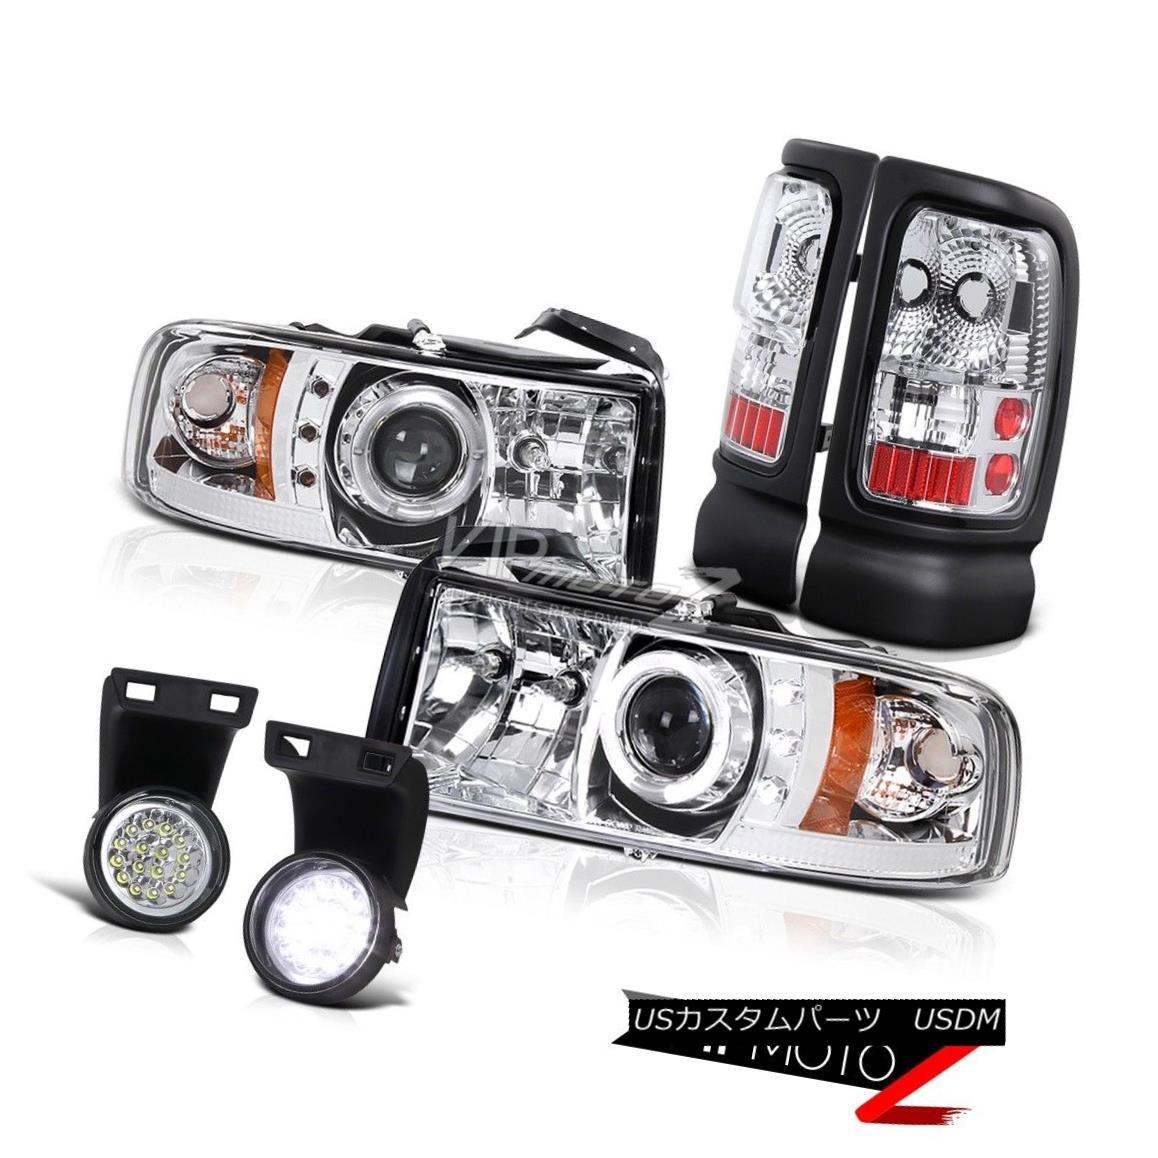 テールライト Ram 5.9L Magnum V6 V8 Sterling Chrome Tail Brake Lamps LED Fog Halo Head Lights ラム5.9LマグナムV6 V8スターリングクロムテールブレーキランプLEDフォグハローヘッドライト